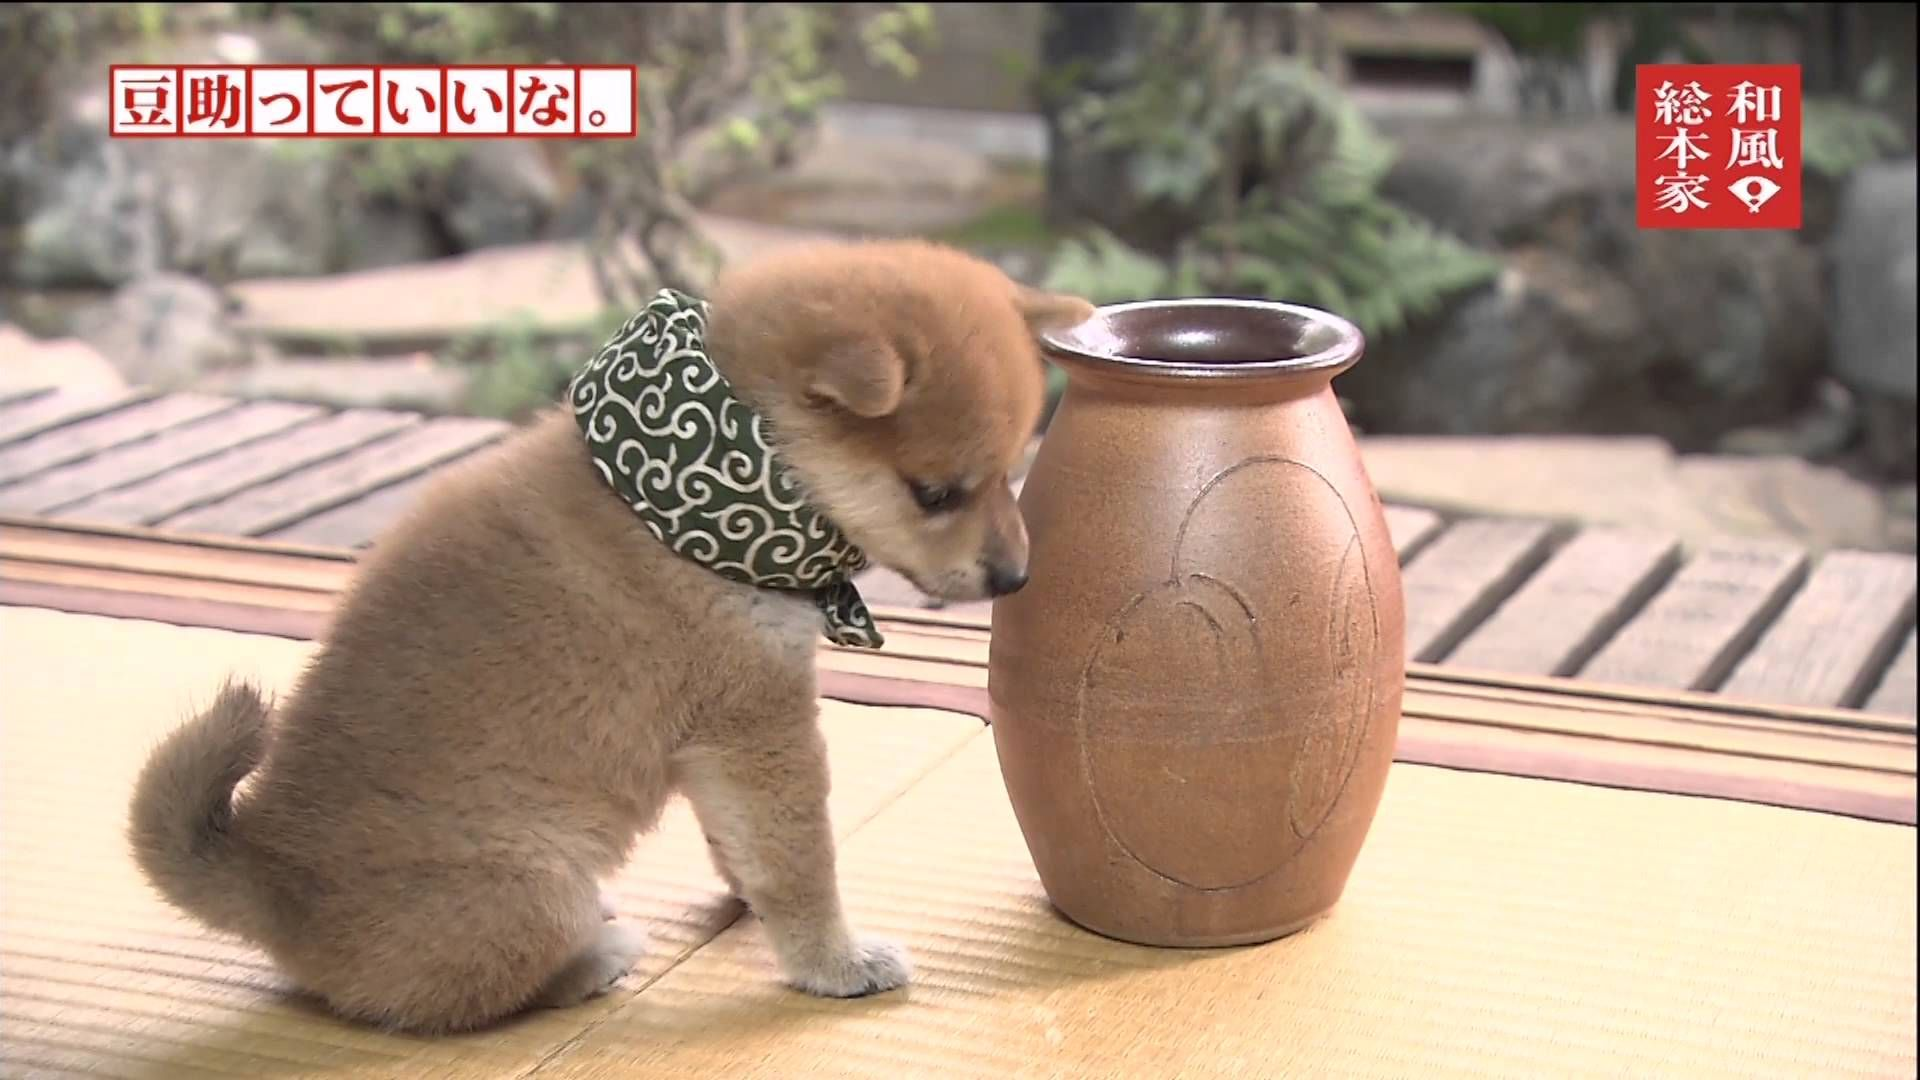 豆助っていいな 10代目 10 8代目豆助コレクション 柴犬